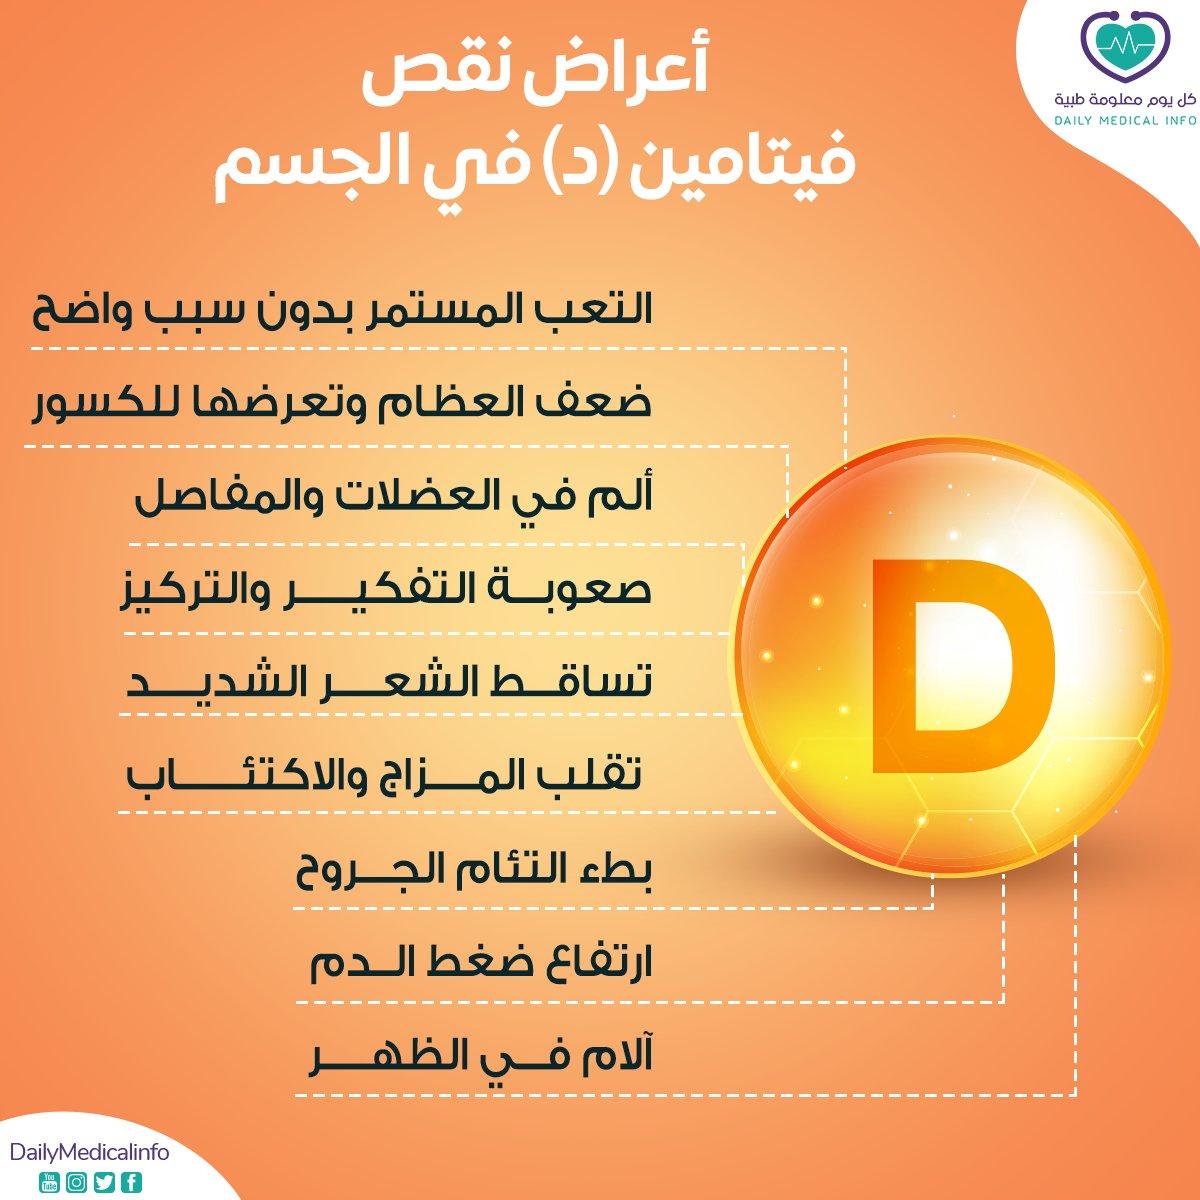 أعراض نقص فيتامين د فى الجسم